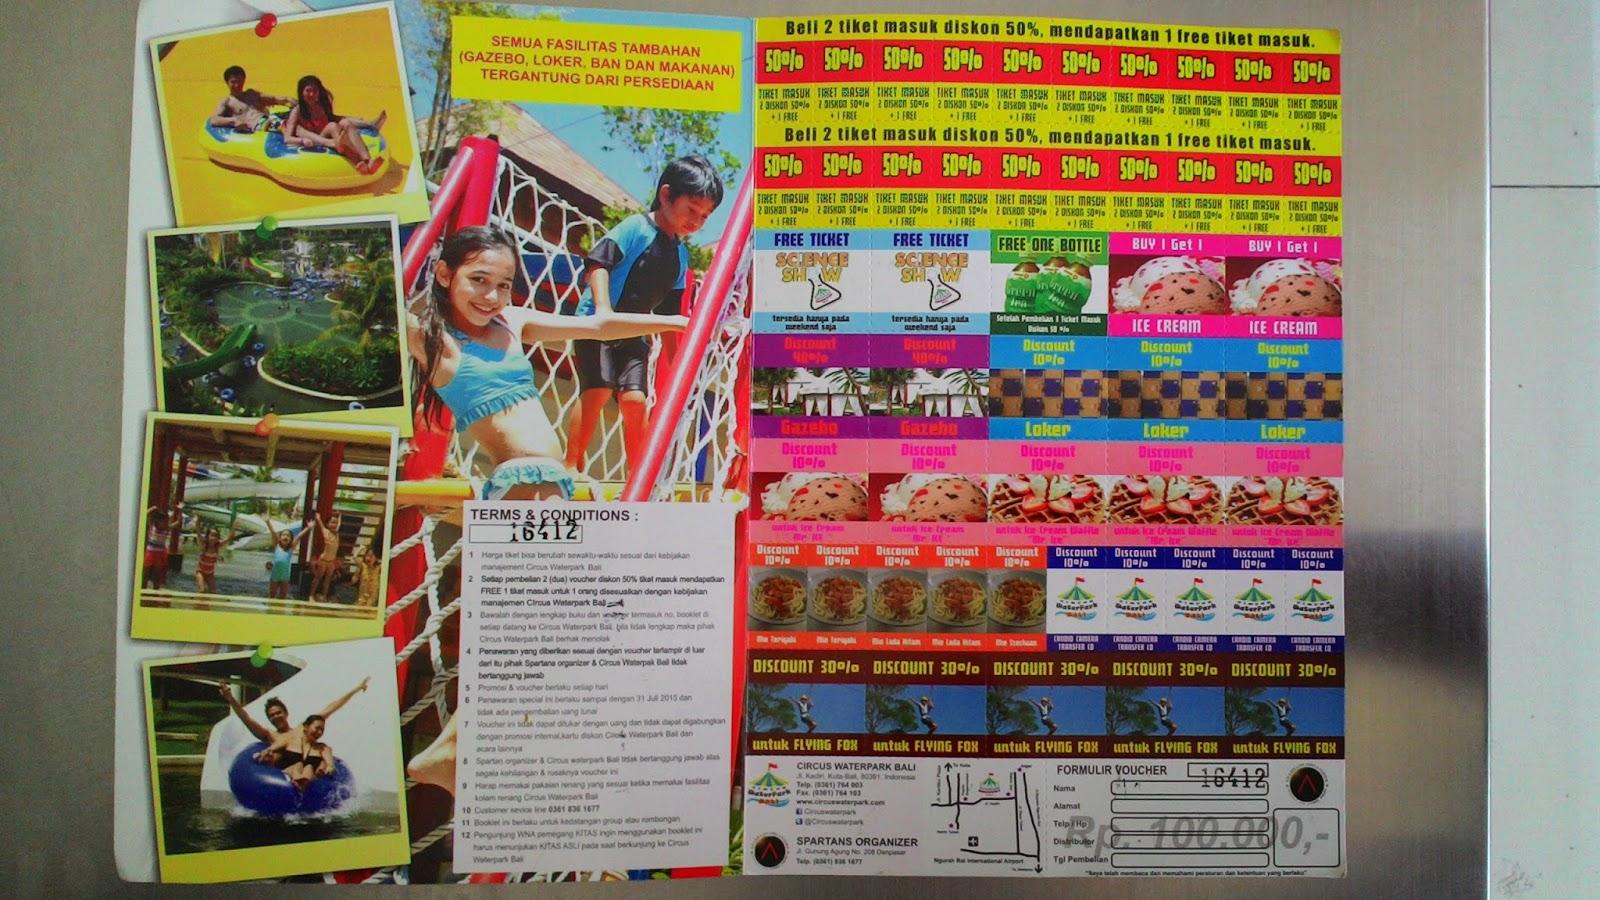 Lapak Online Sandy Voucher Circus Waterpark 2014 Tuban Kuta Penampakan